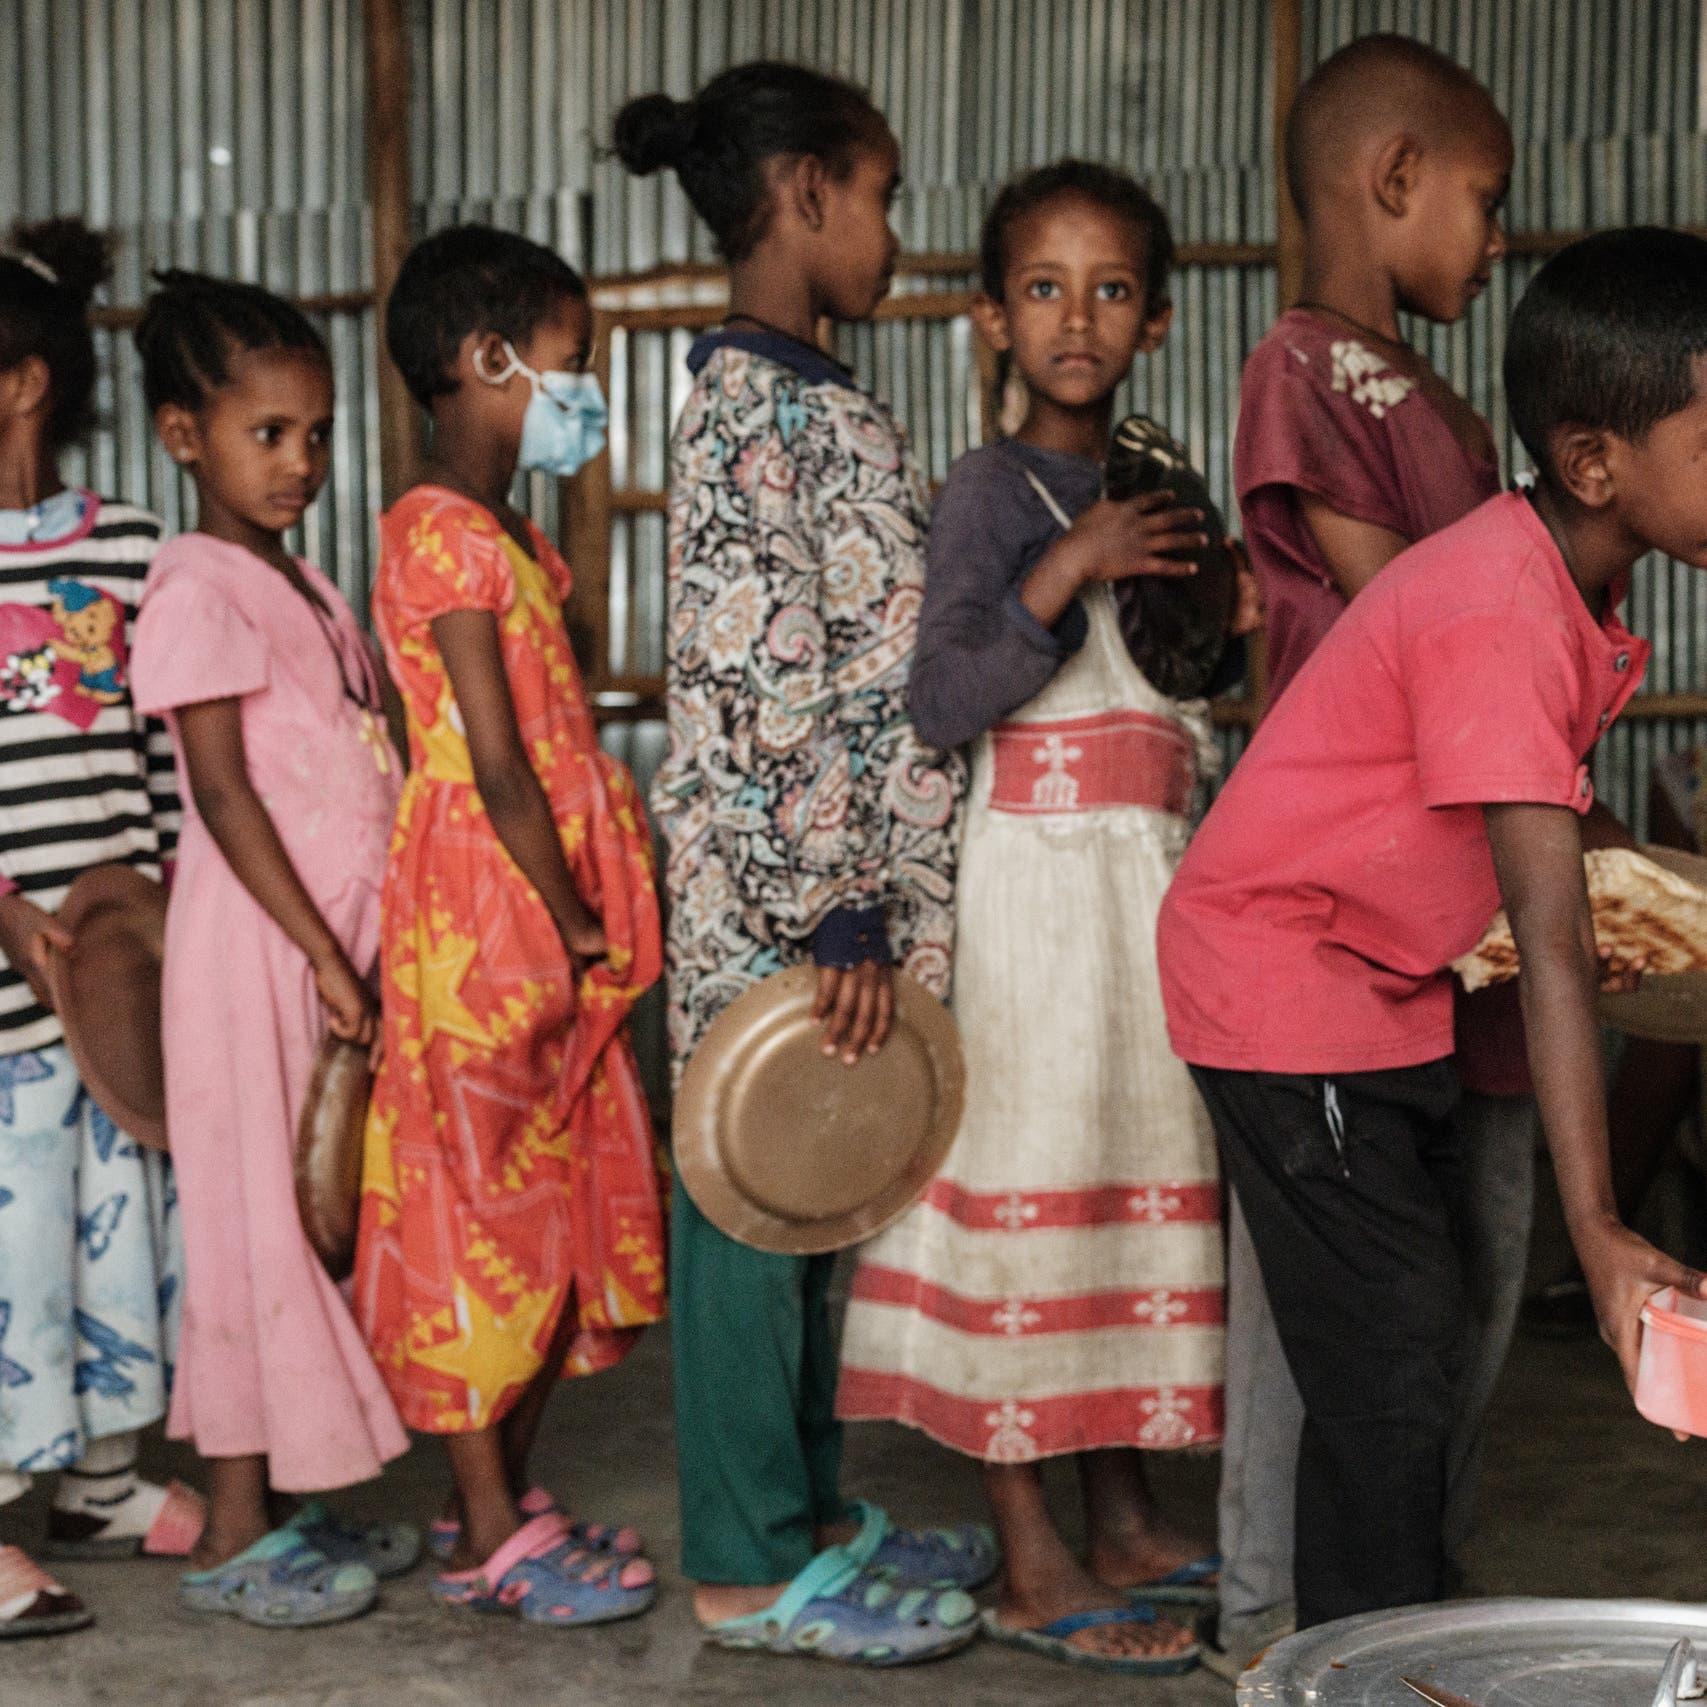 واشنطن: حكومة إثيوبيا تسببت بمجاعة في إقليم تيغراي